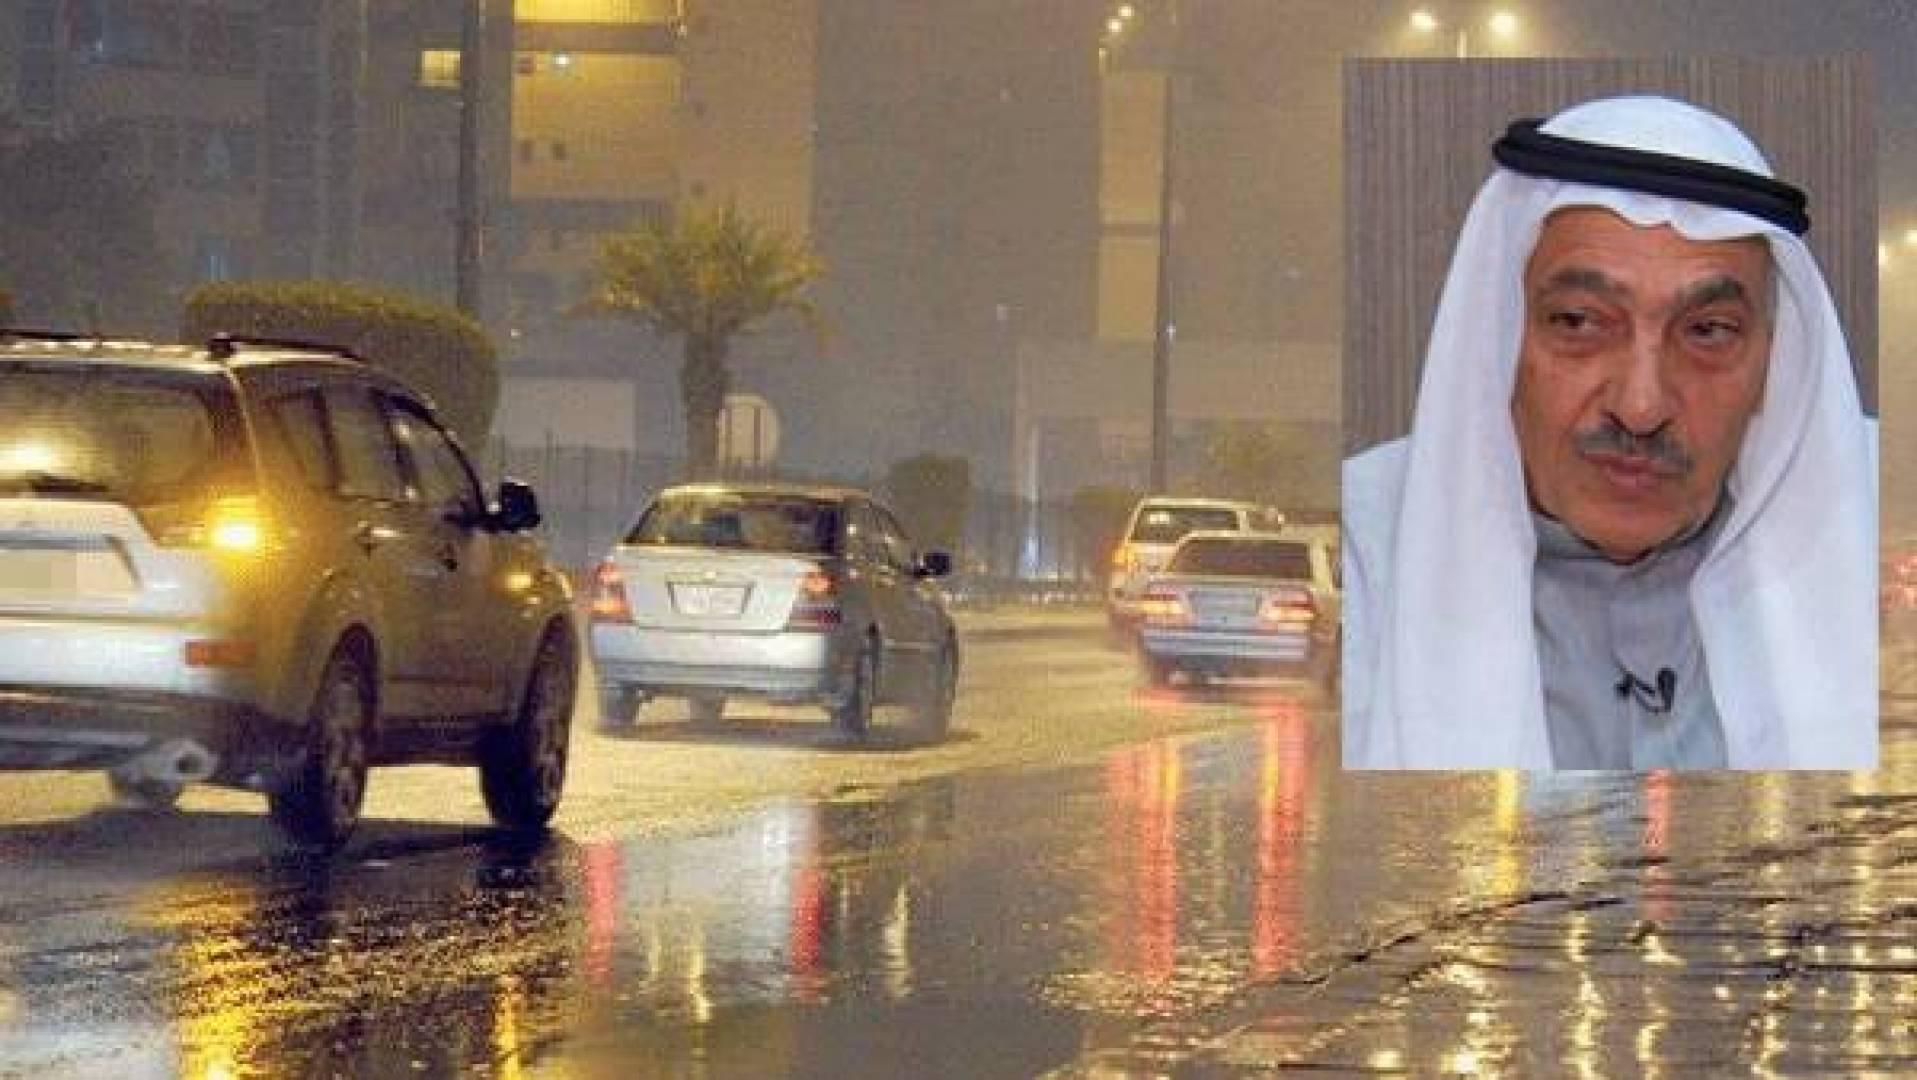 السعدون: أمطار غزيرة ستشهدها البلاد خلال الساعات المقبلة